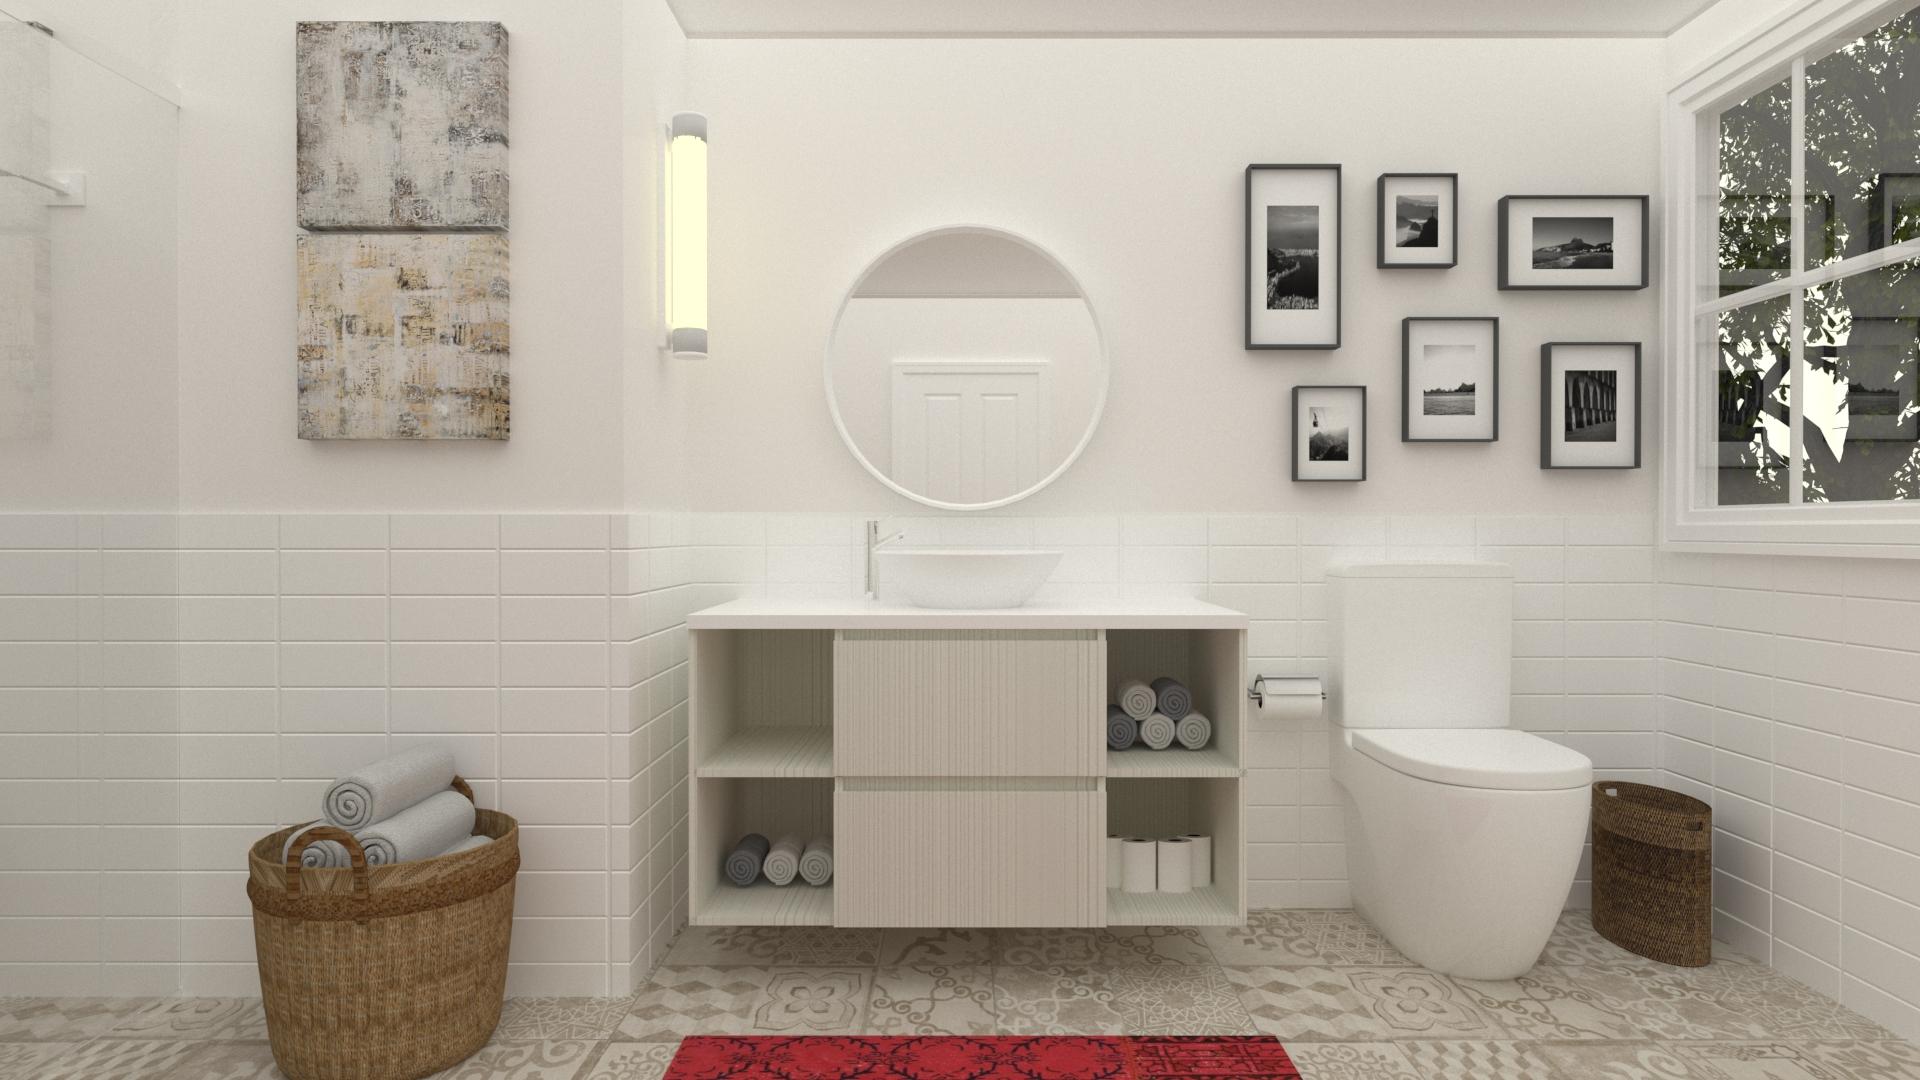 Muebles funcionales y de vanguardia